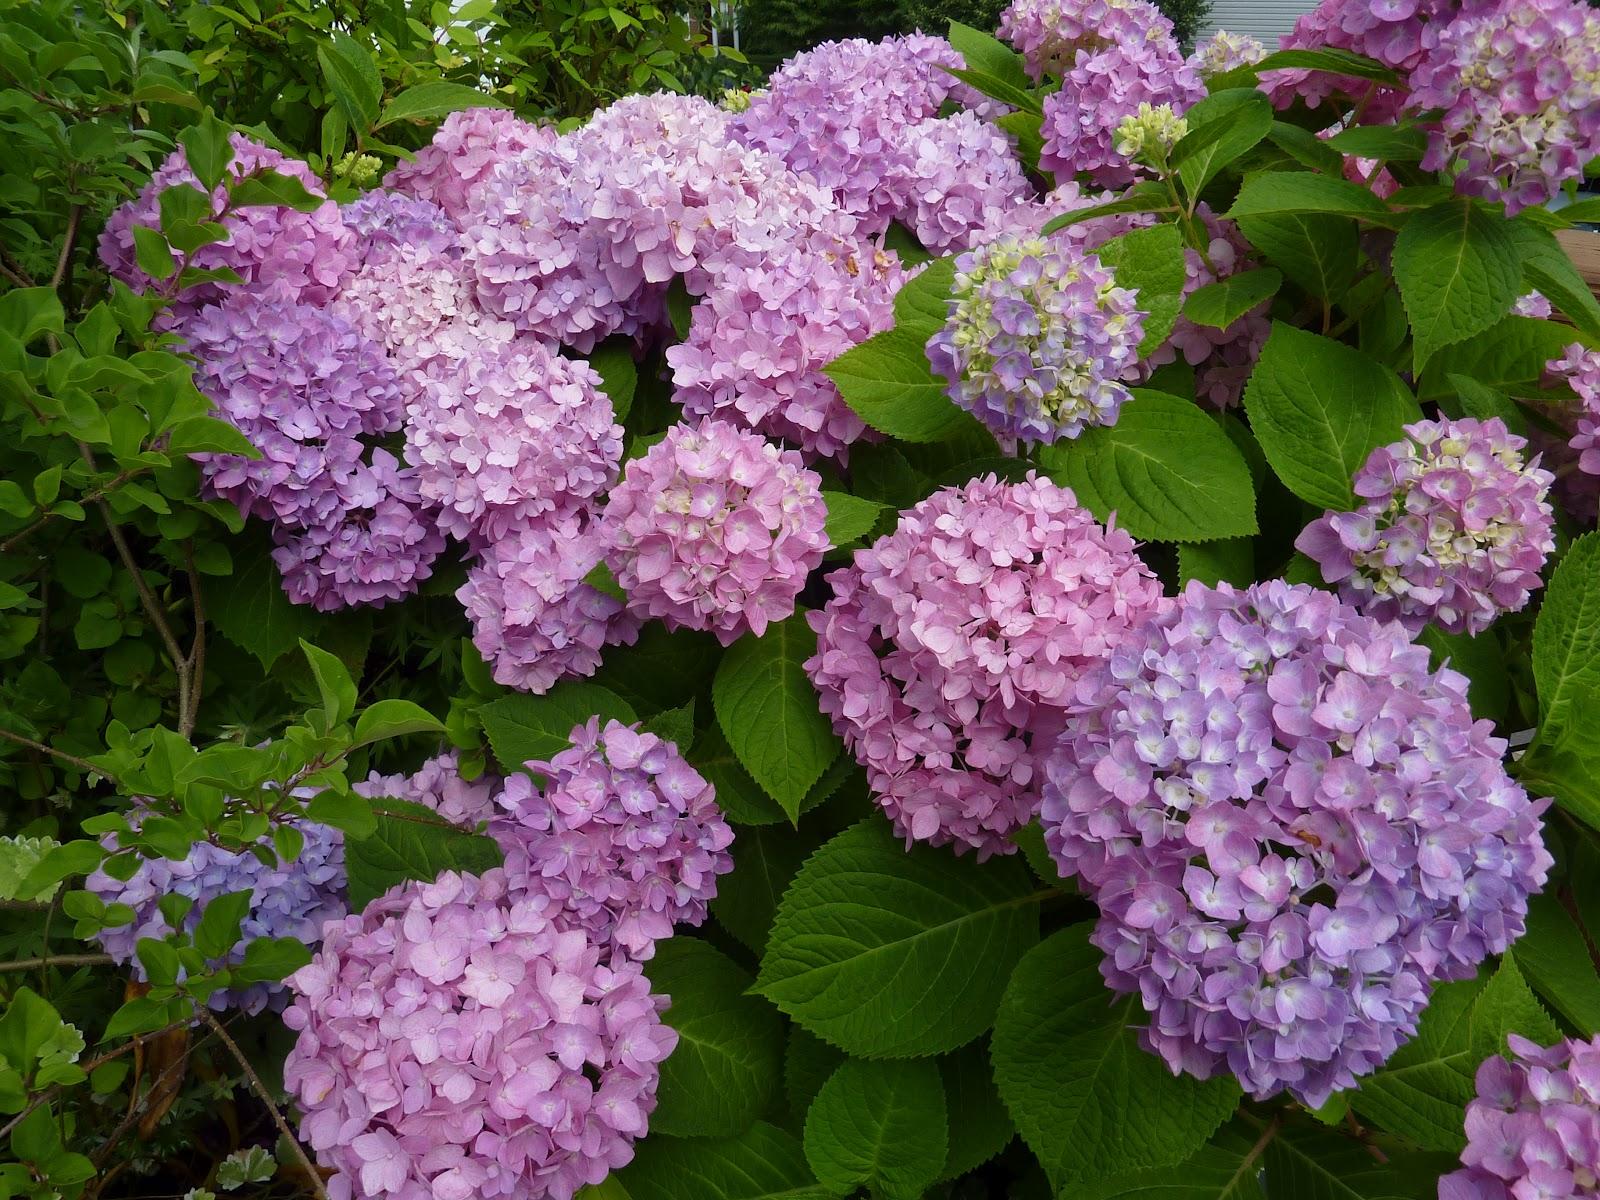 Flat Bottom Flowers: Hydrangea Heaven